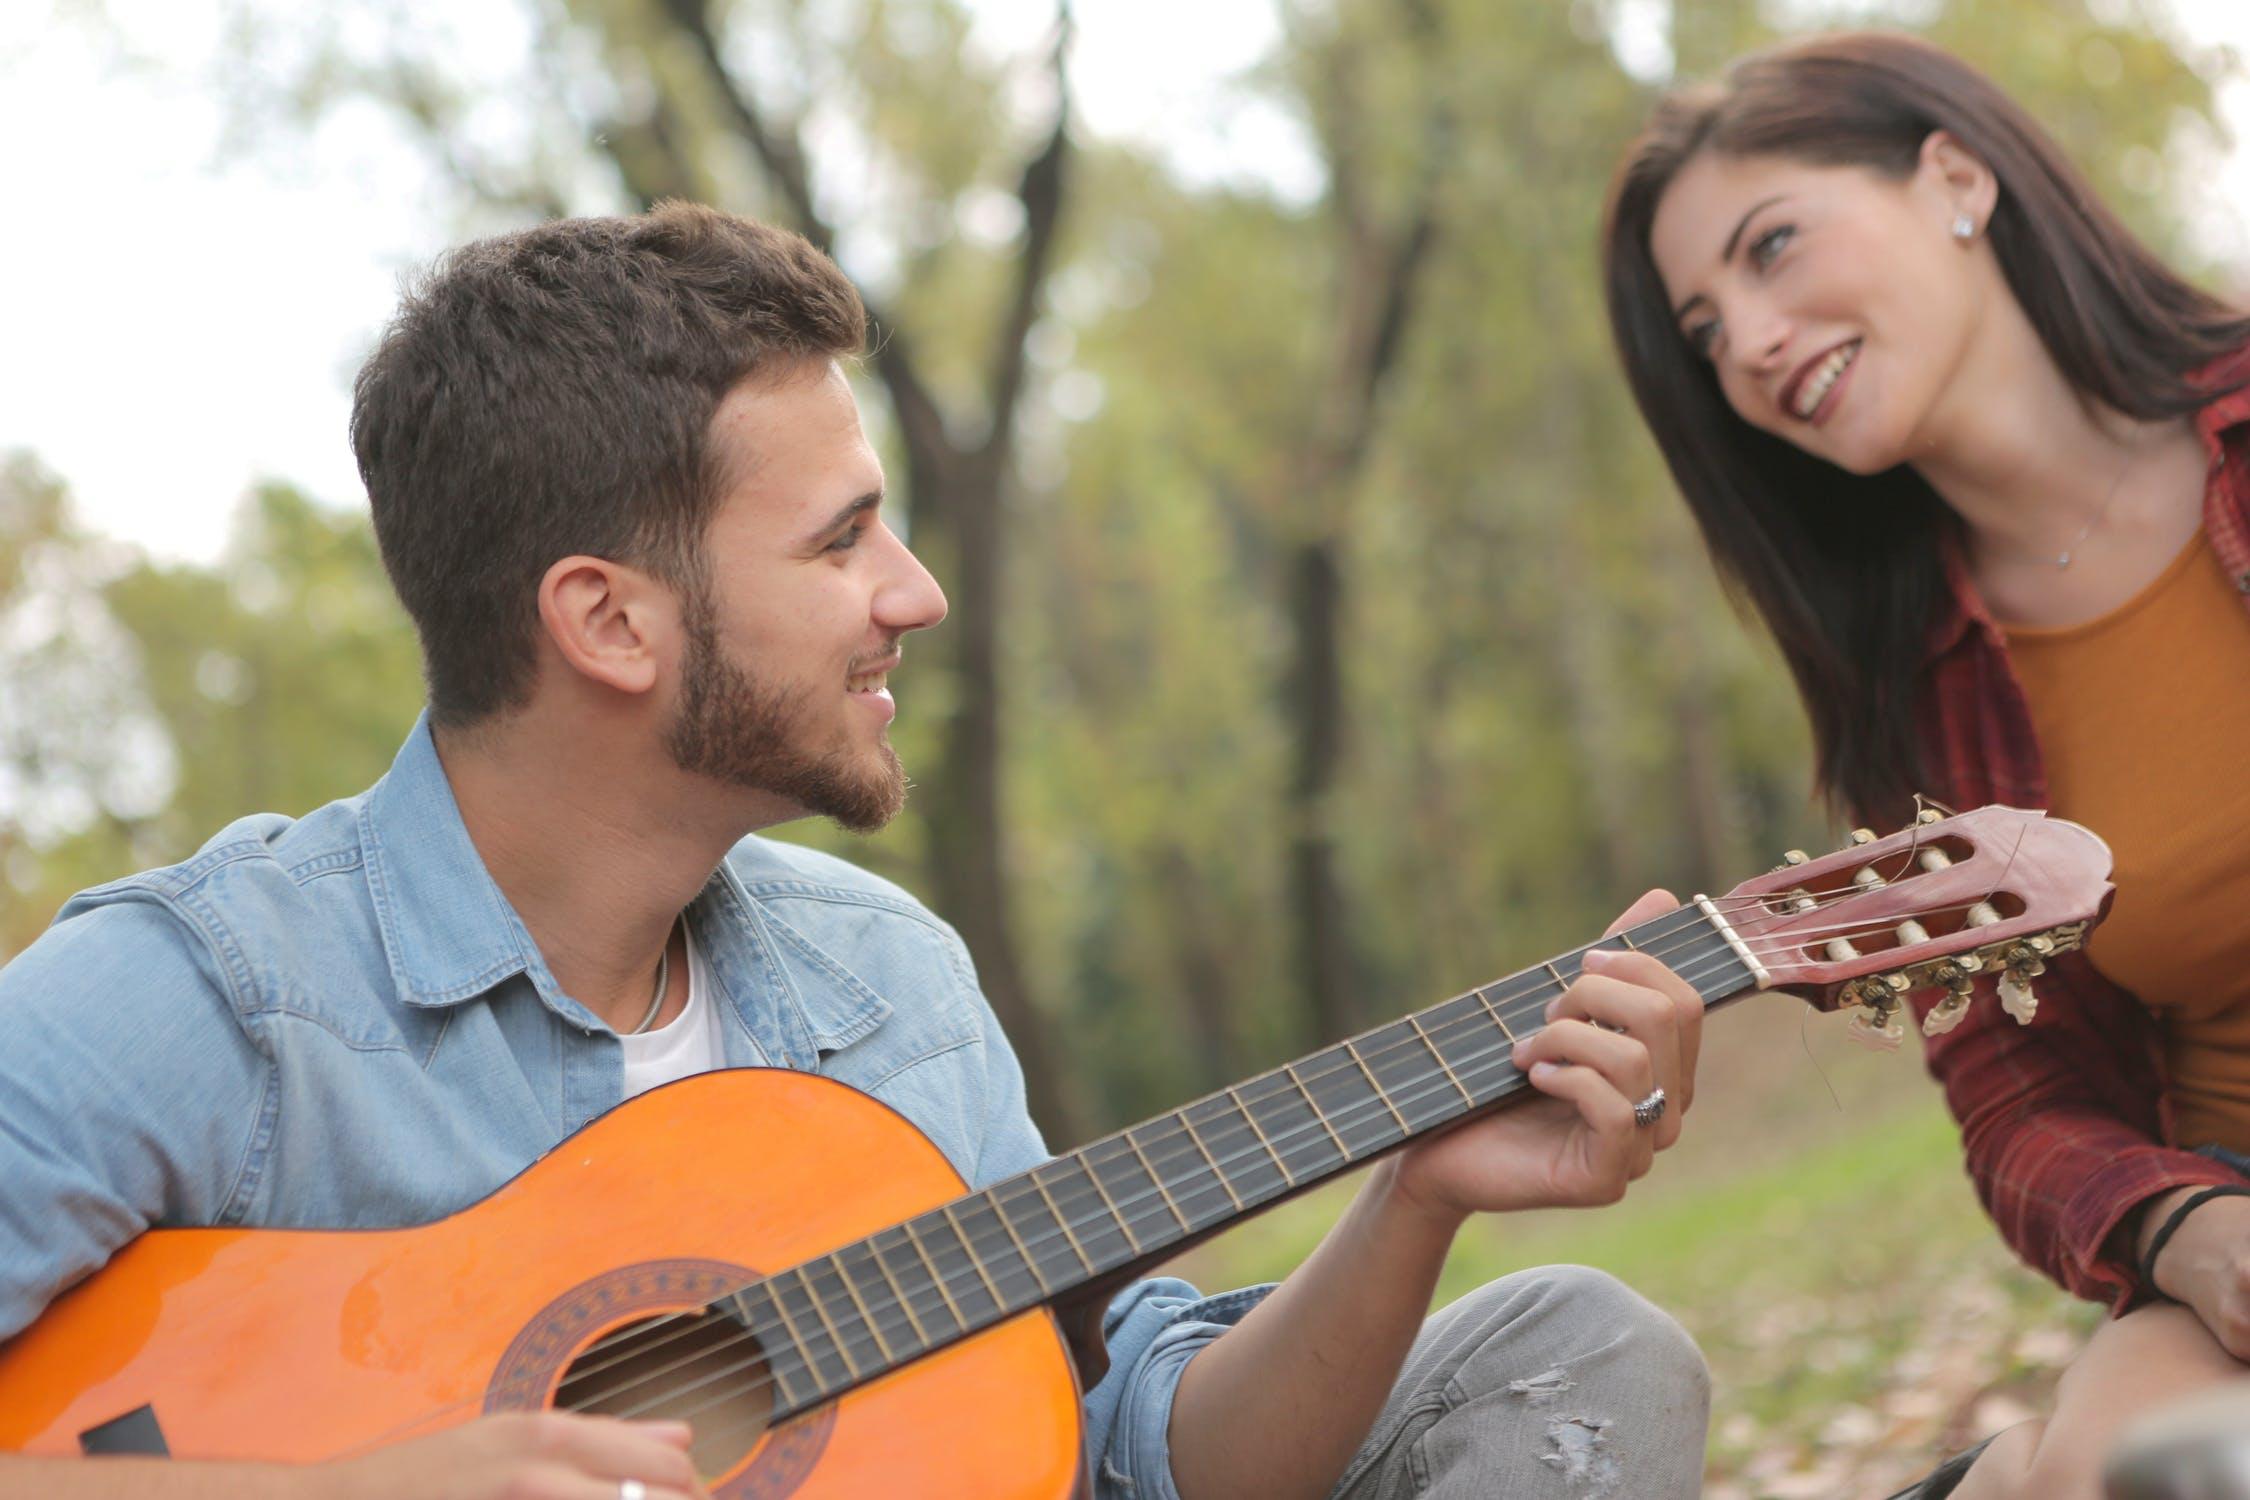 Mand spiller guitar for kvinde